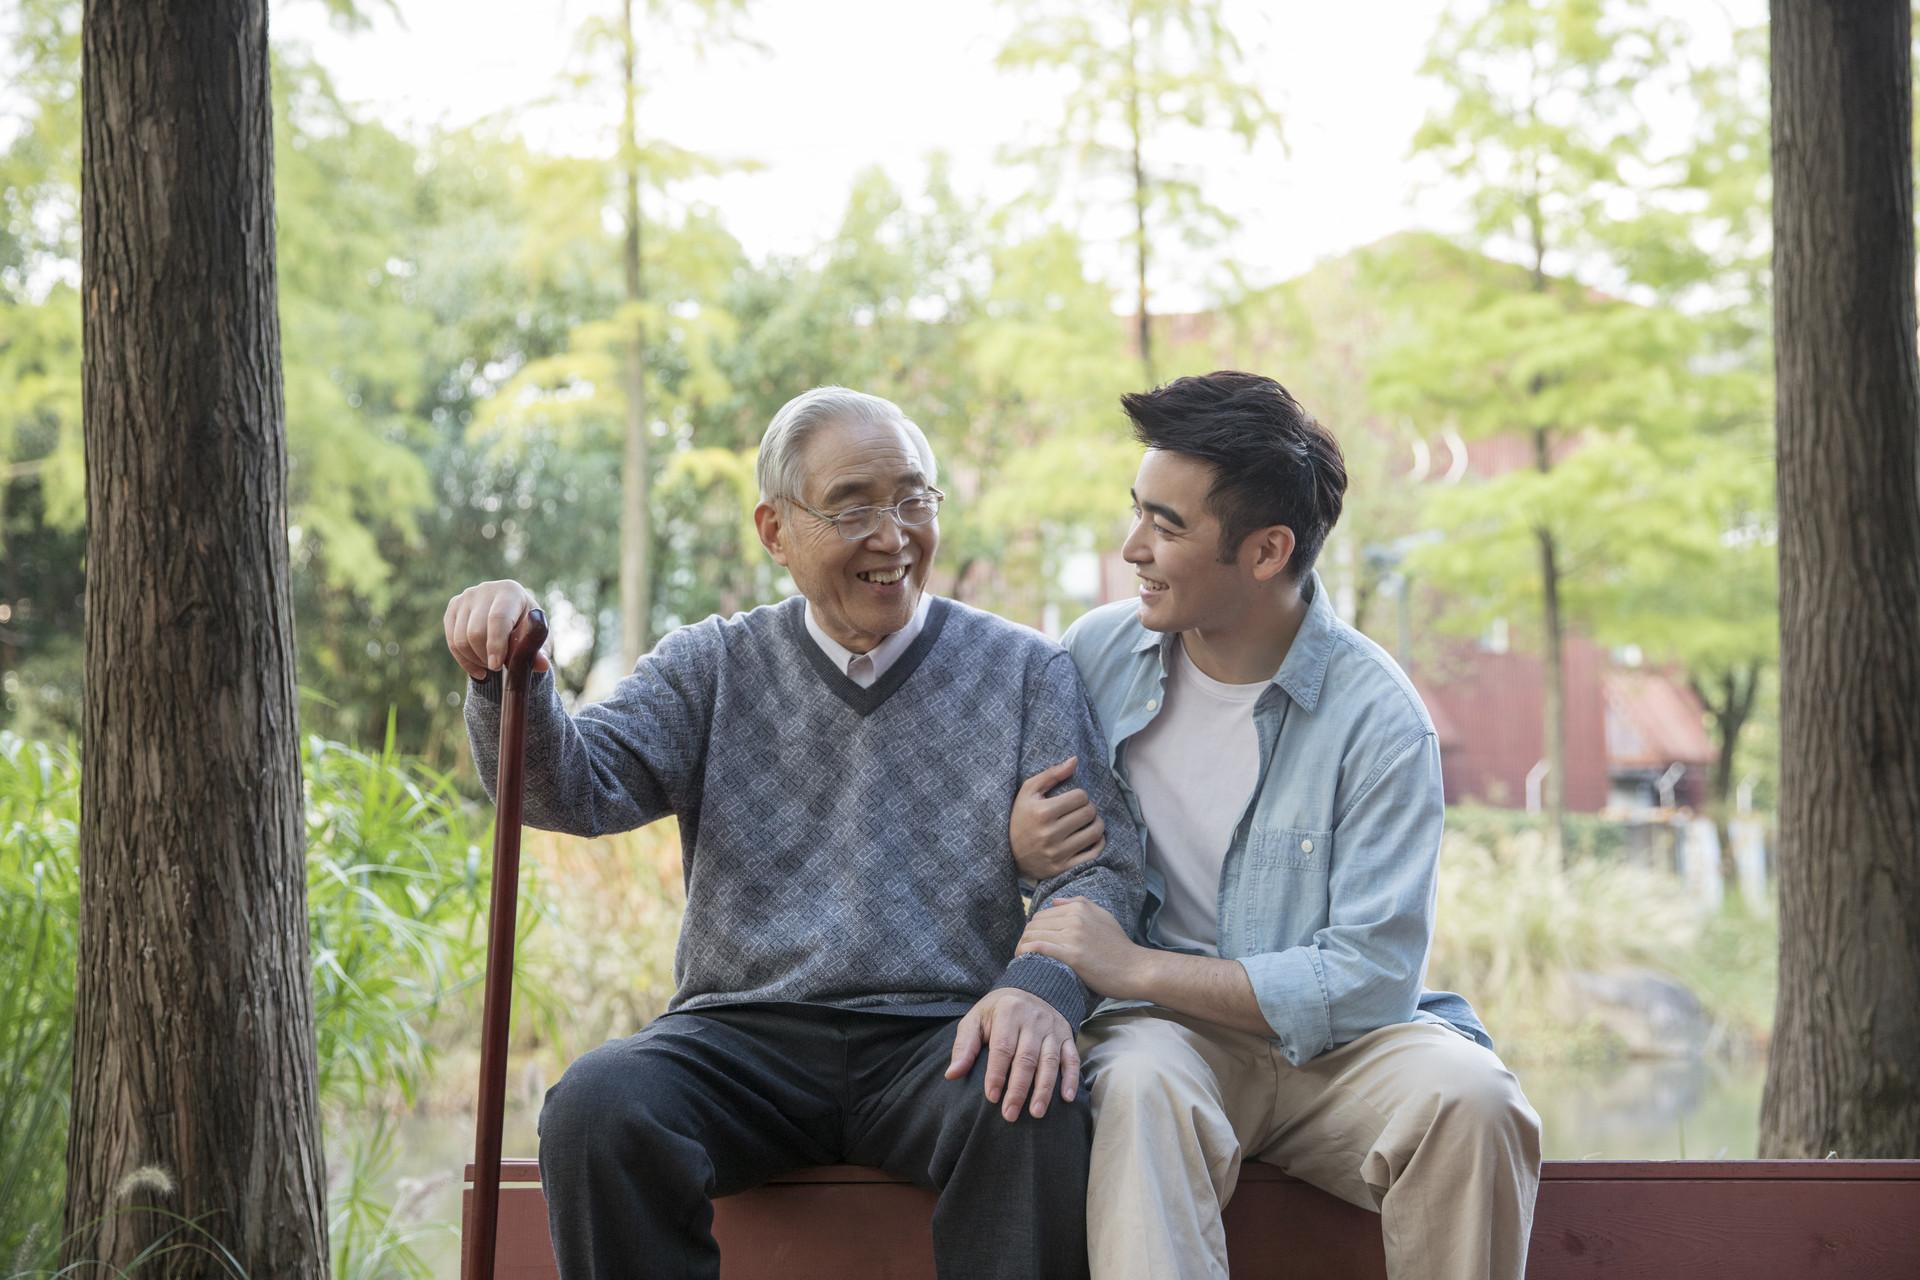 年金险是养老的首选吗?有没有附加疾病保障功能的